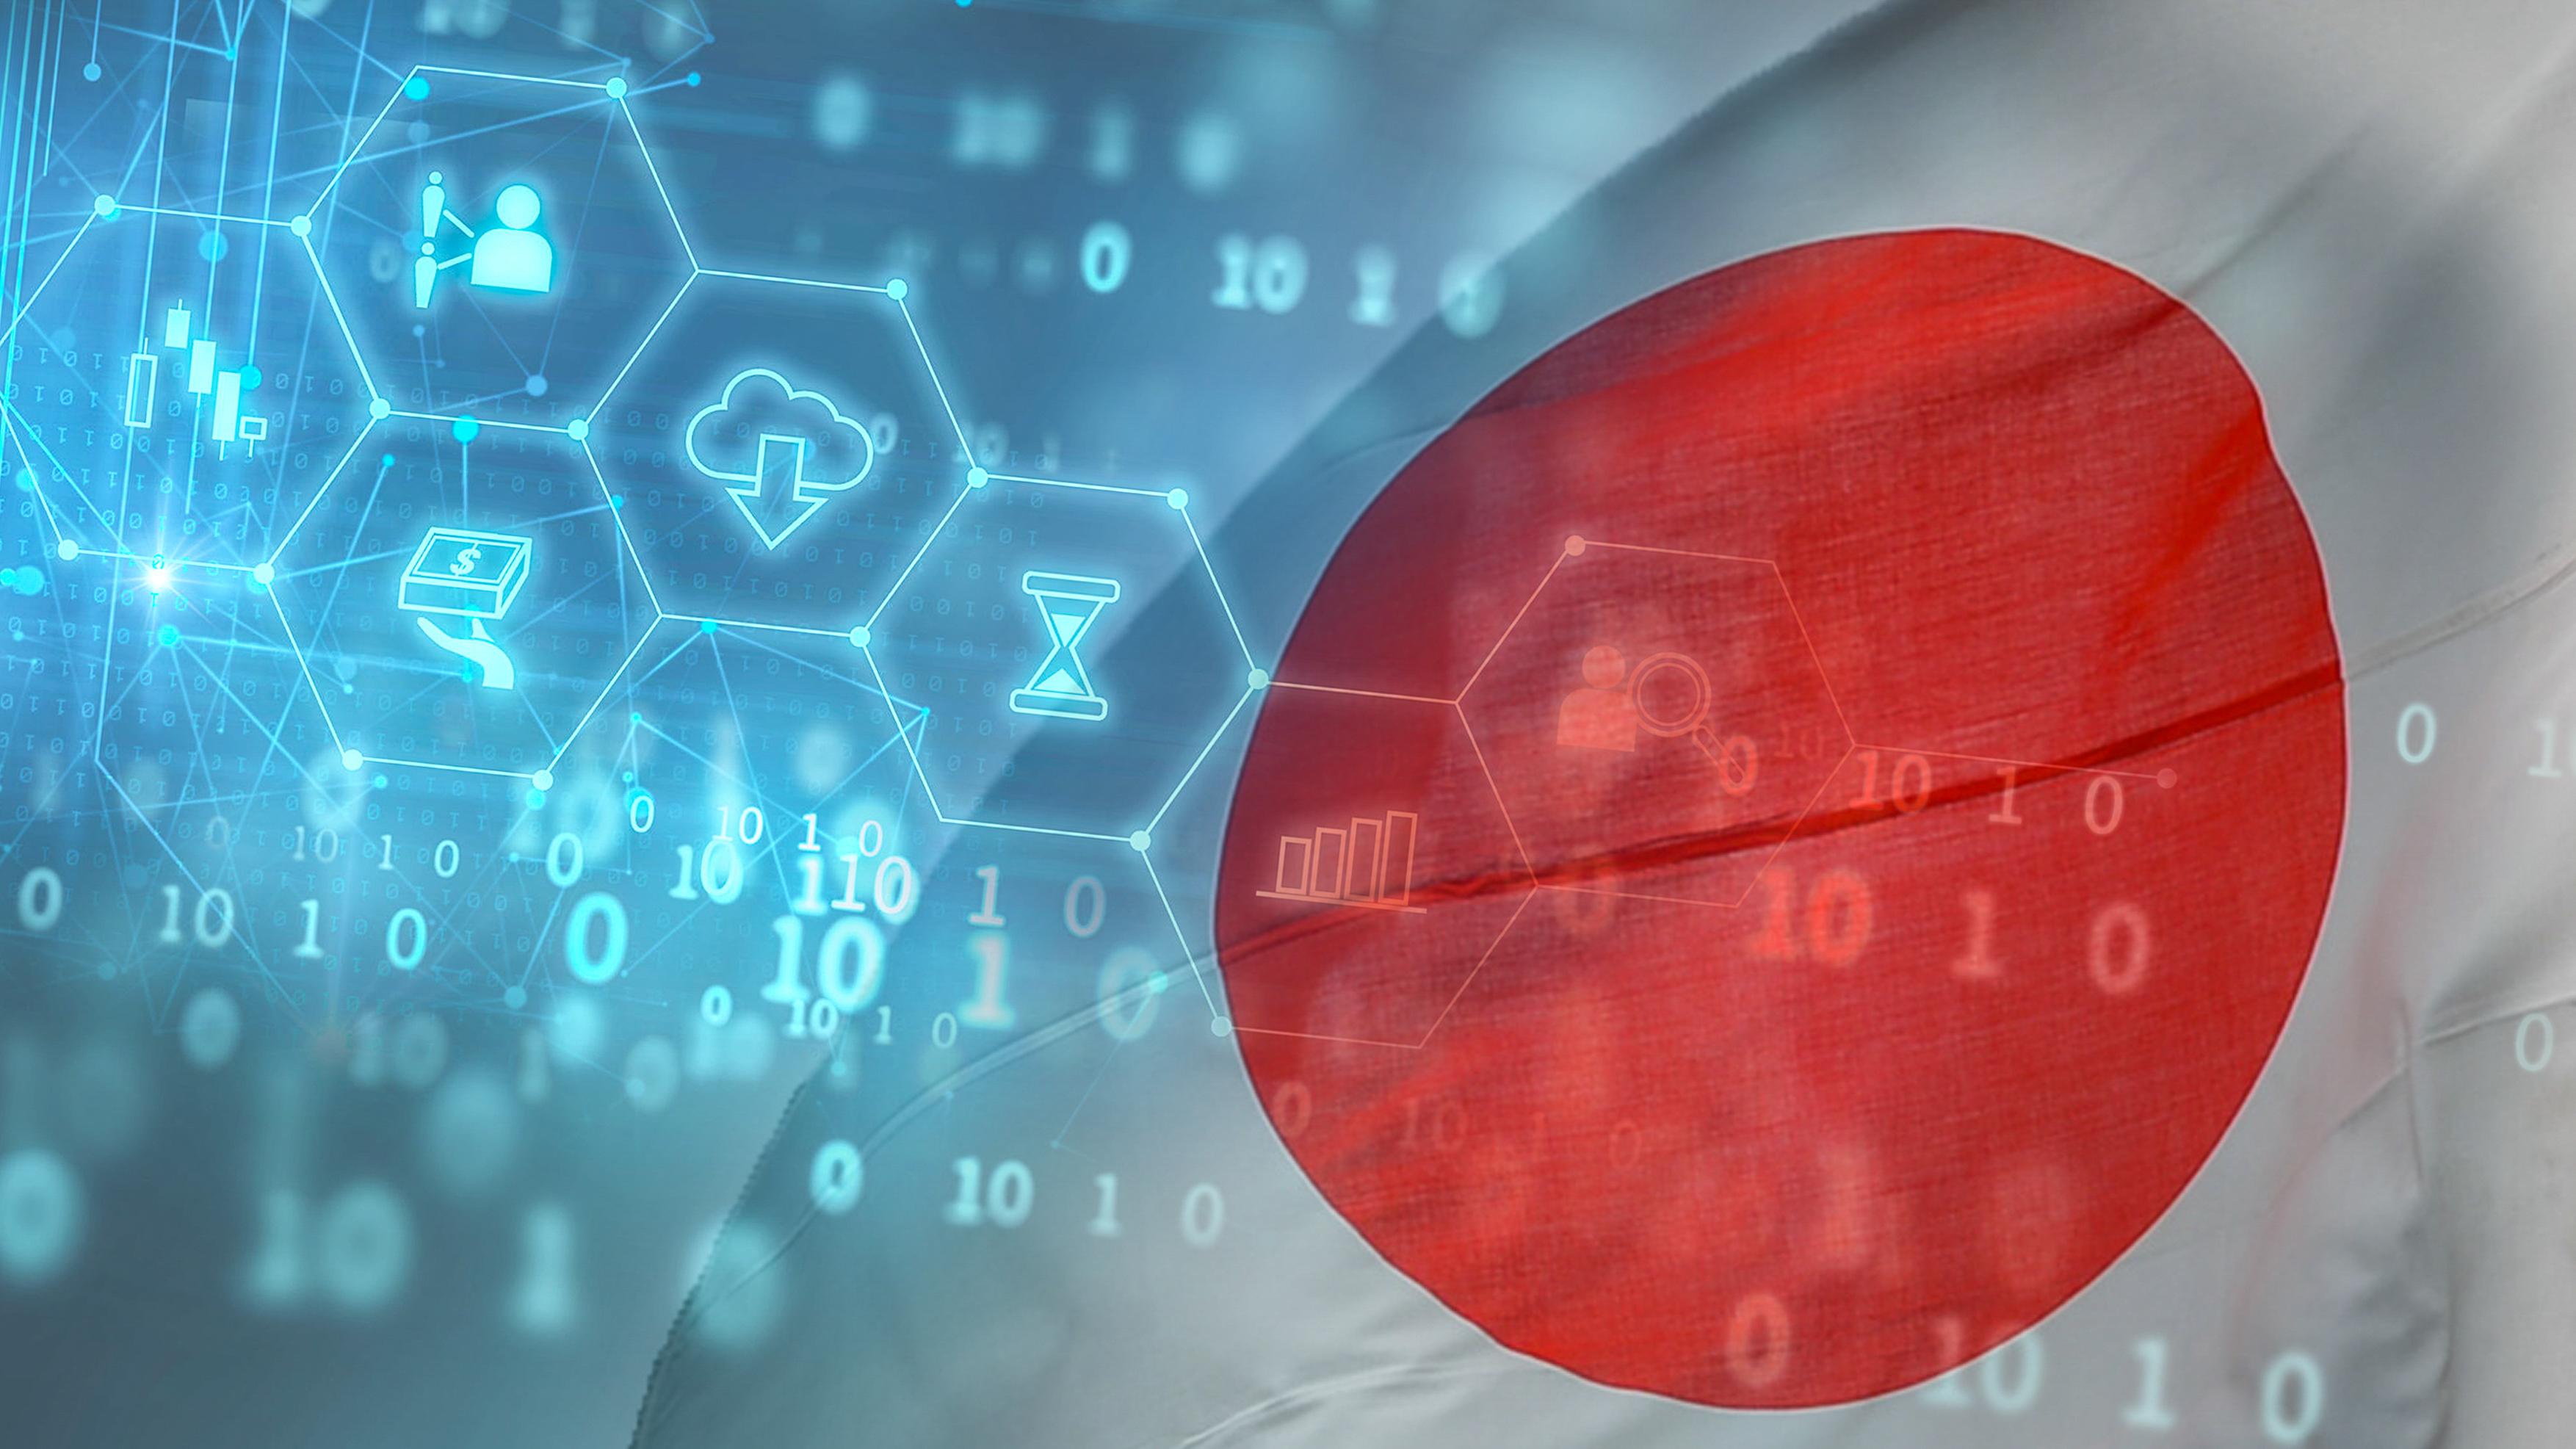 ین دیجیتال ژاپن کلید خورد